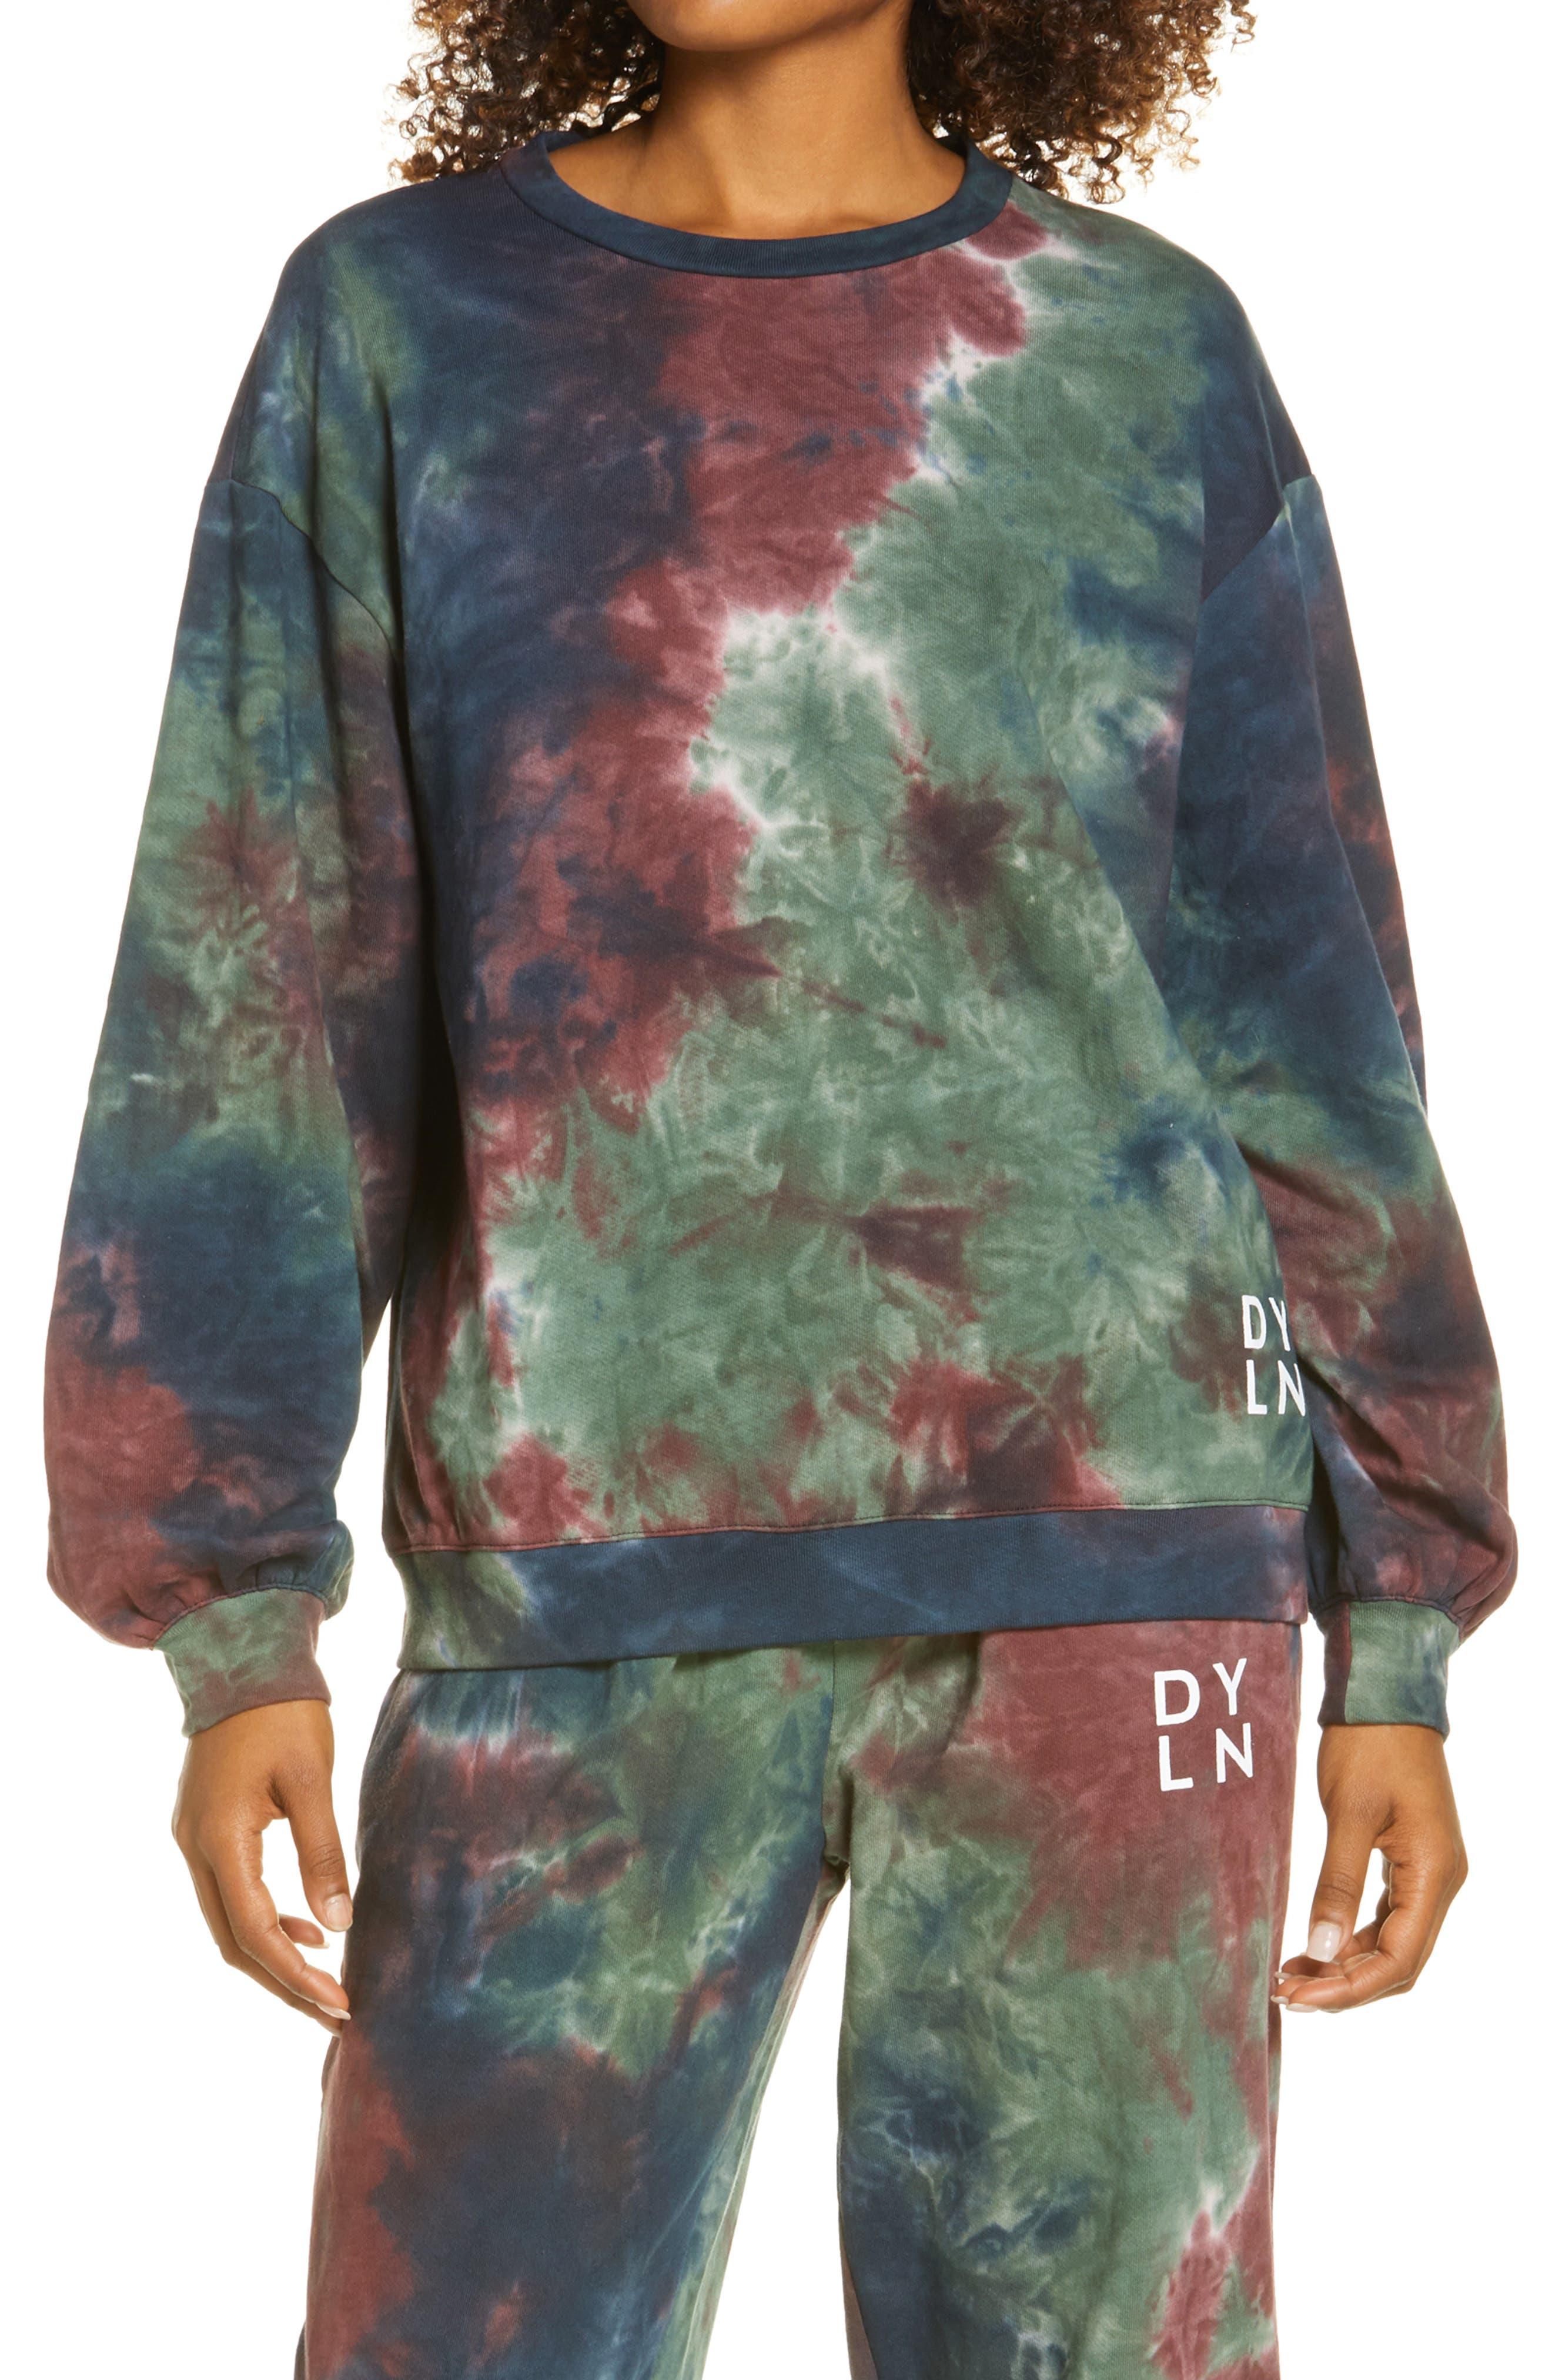 Women's By. dyln Xander Tie Dye Logo Cotton Blend Sweatshirt